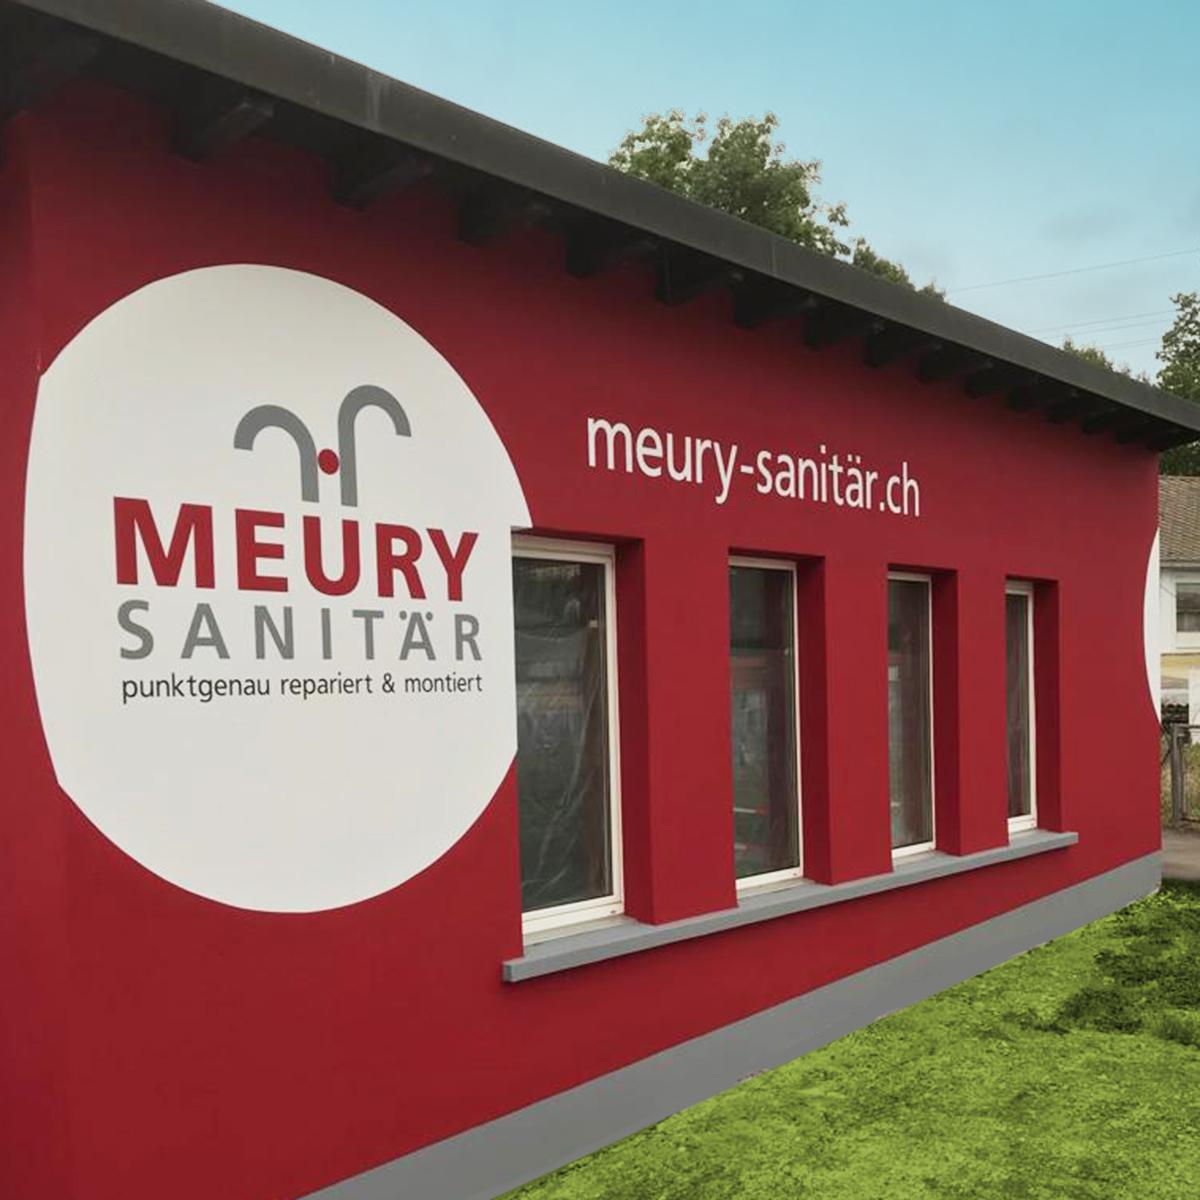 Meury Sanitär Design der Fassade der Werstatt